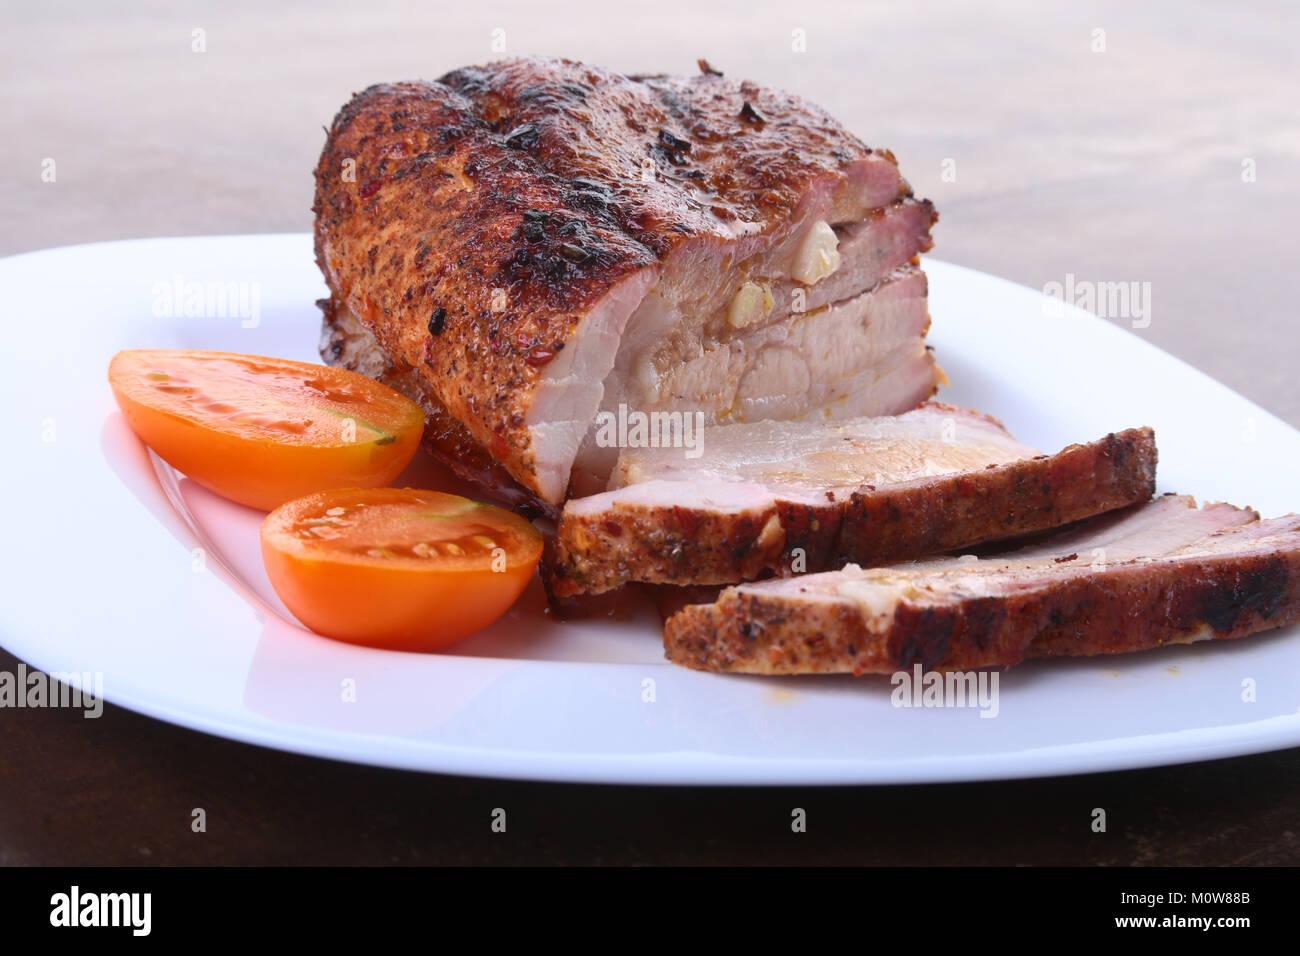 Chuletas de Cerdo Asadas con tomate y salsa de tomate en el plato. Foto de stock